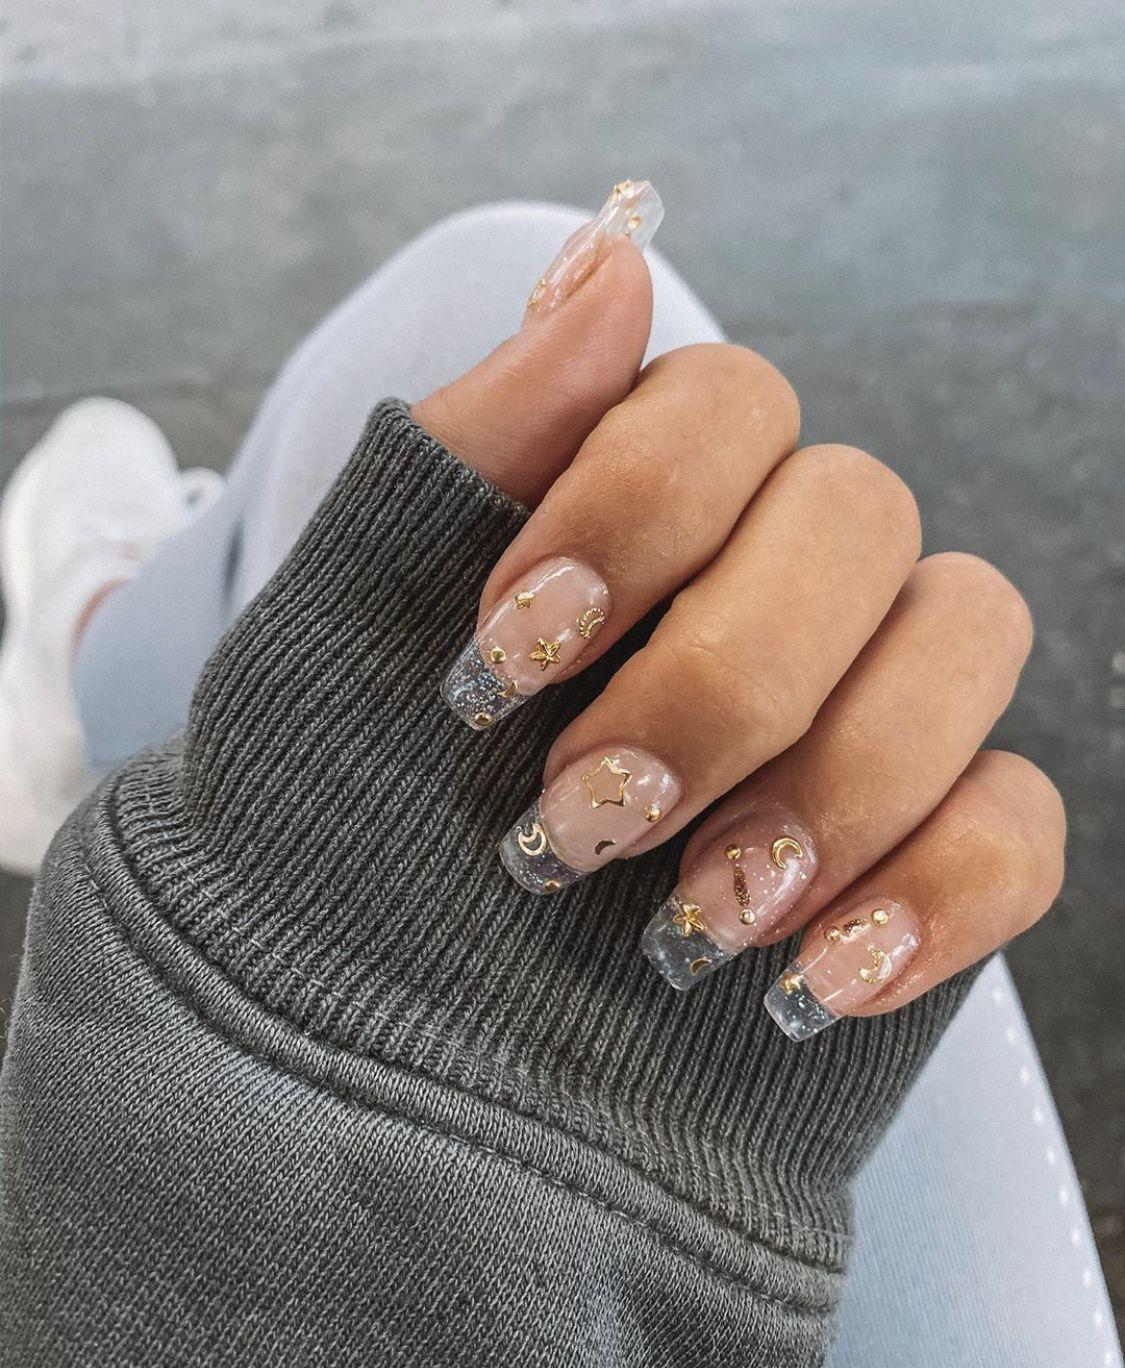 Pin by syd on makeup & nails Nail games, Nails, My nails